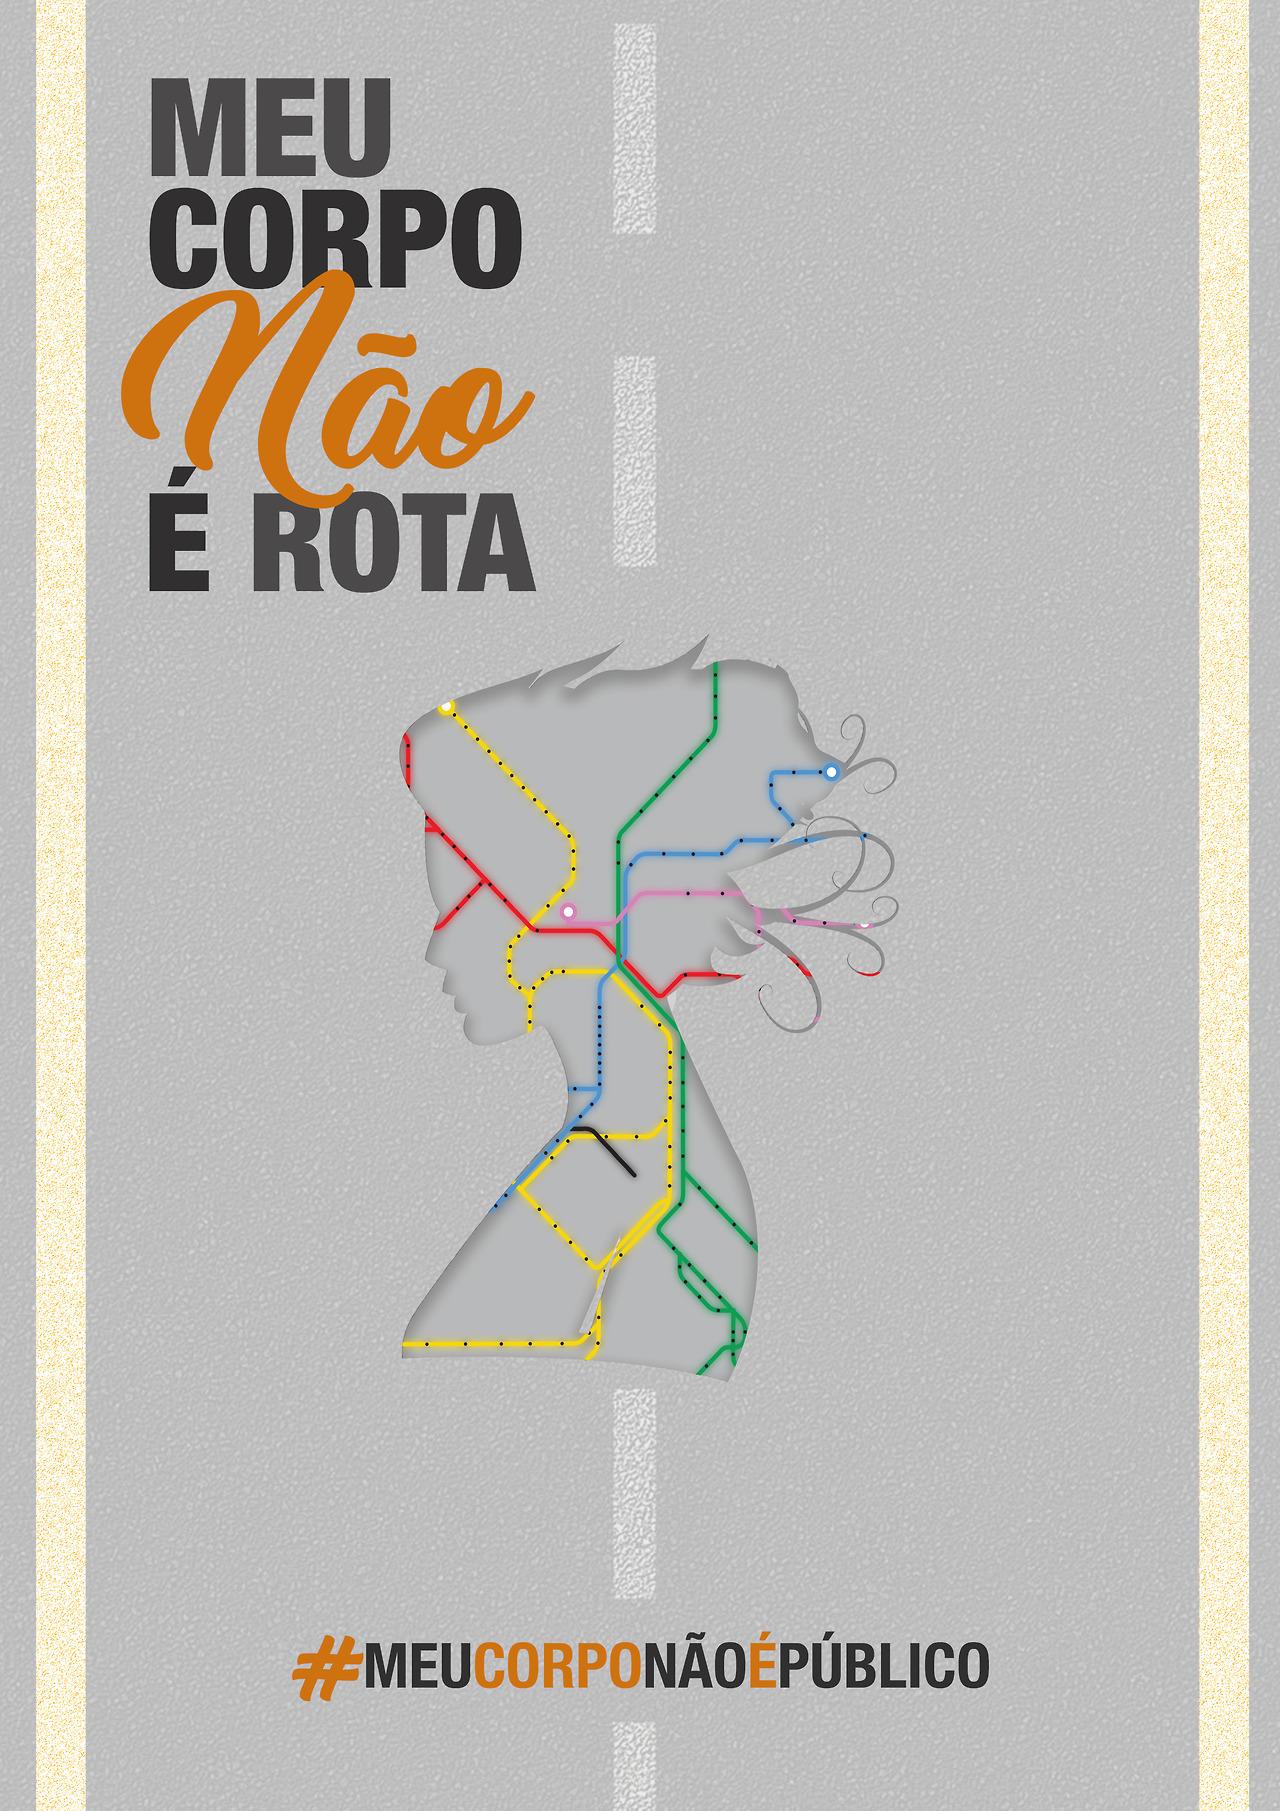 Mulheres se unem em movimento contra abusadores no transporte público: #MEUCORPONÃOÉPÚBLICO 7